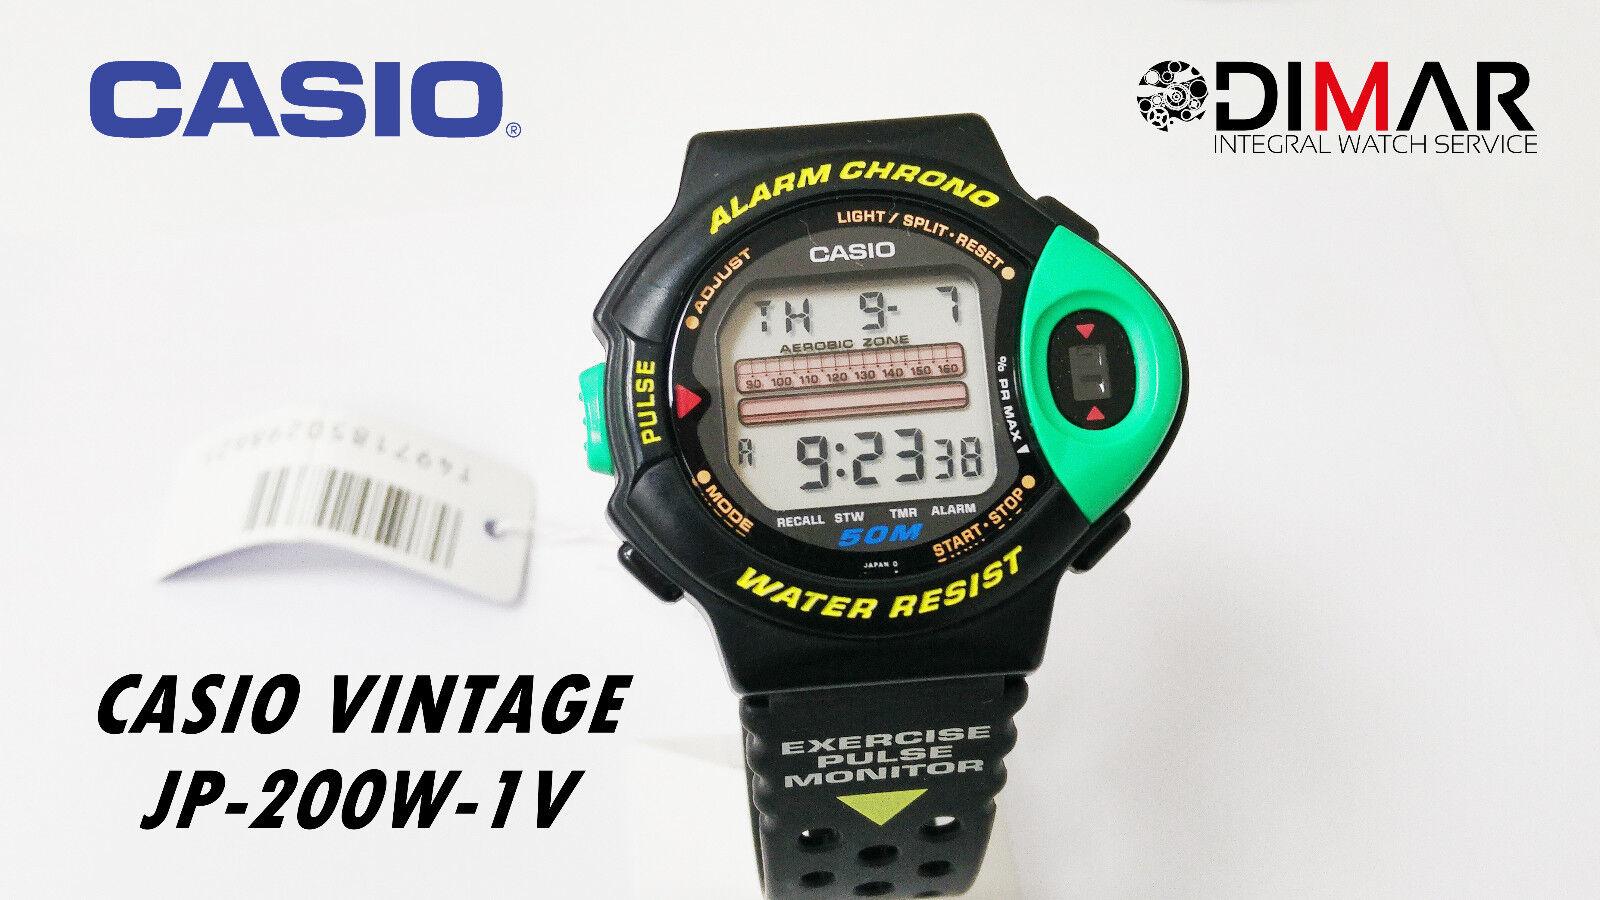 0ed8bc2eabcf Reloj Vintage Casio Jp-200w-1v Sport Pulsometro QW